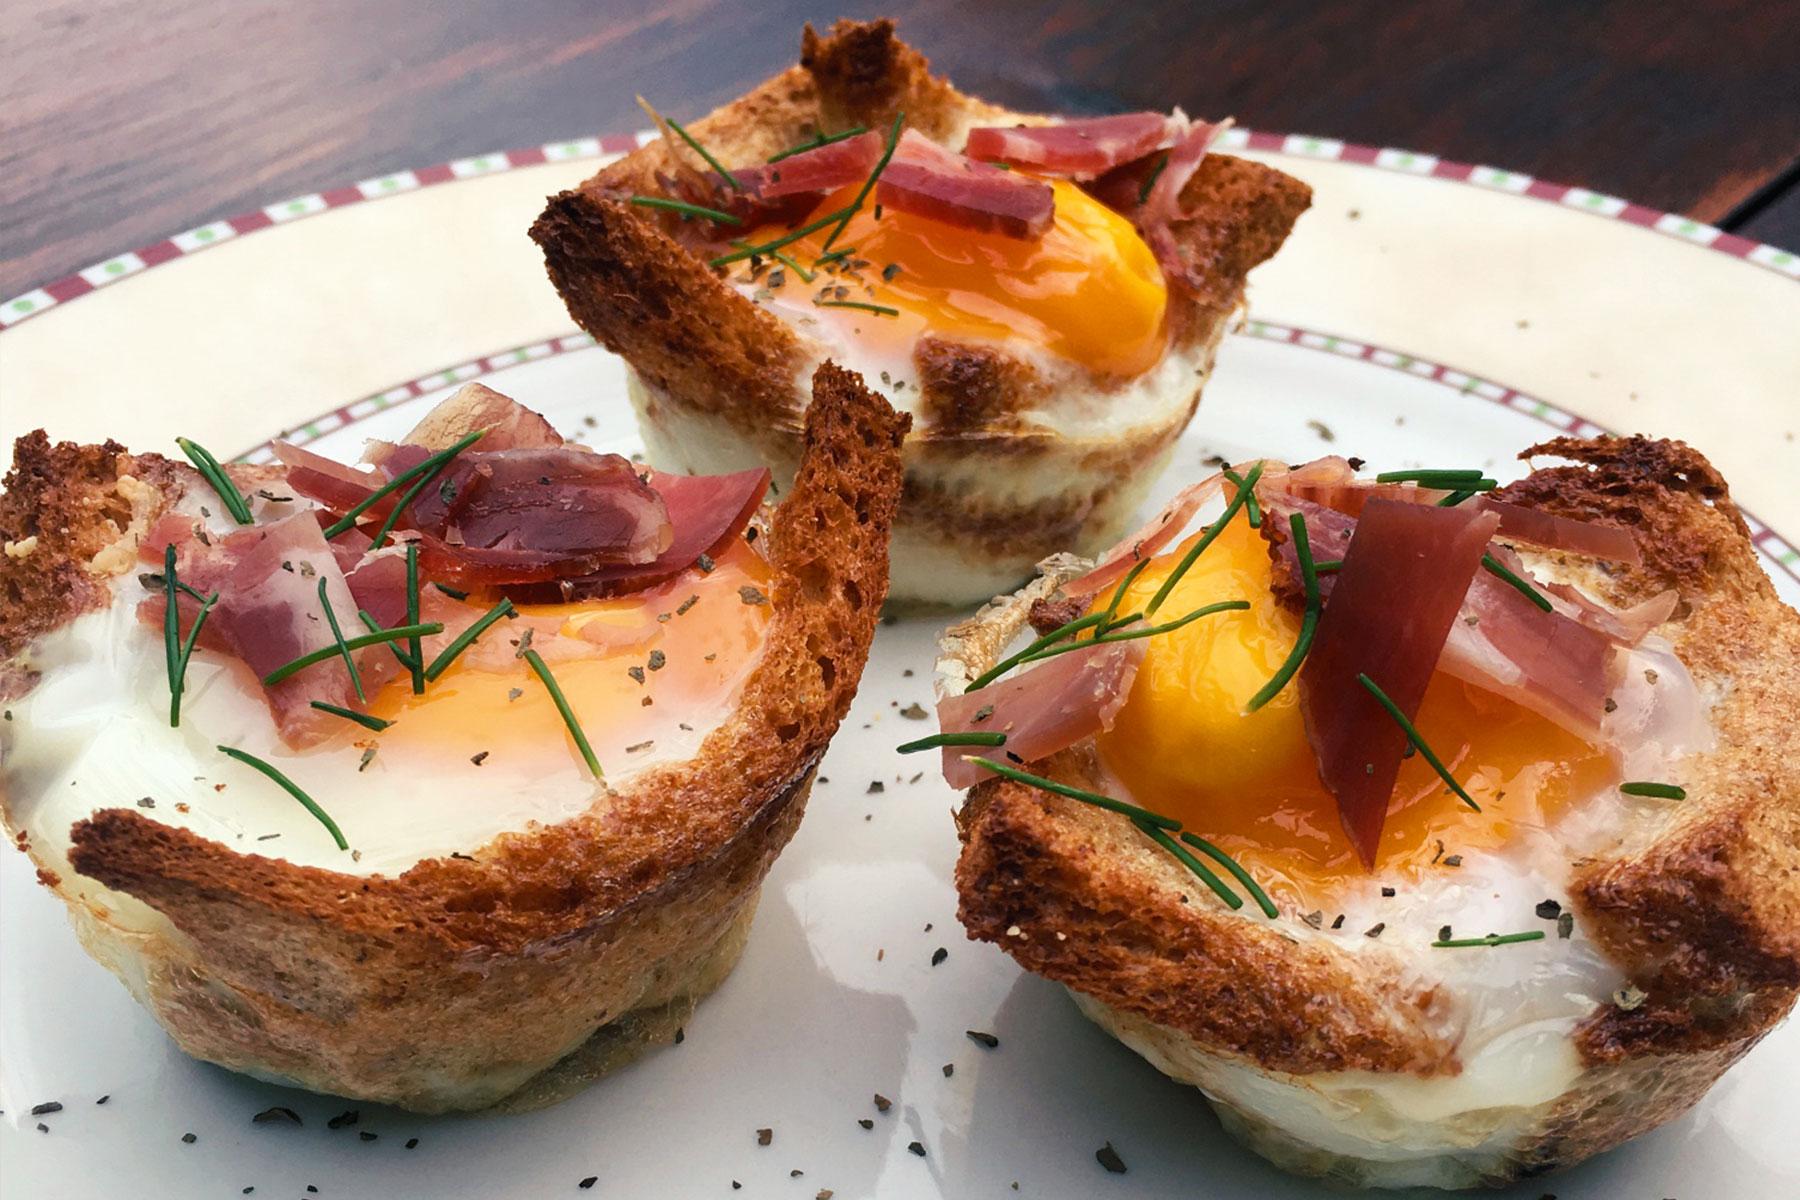 Jajcka v kruhovih skledicah